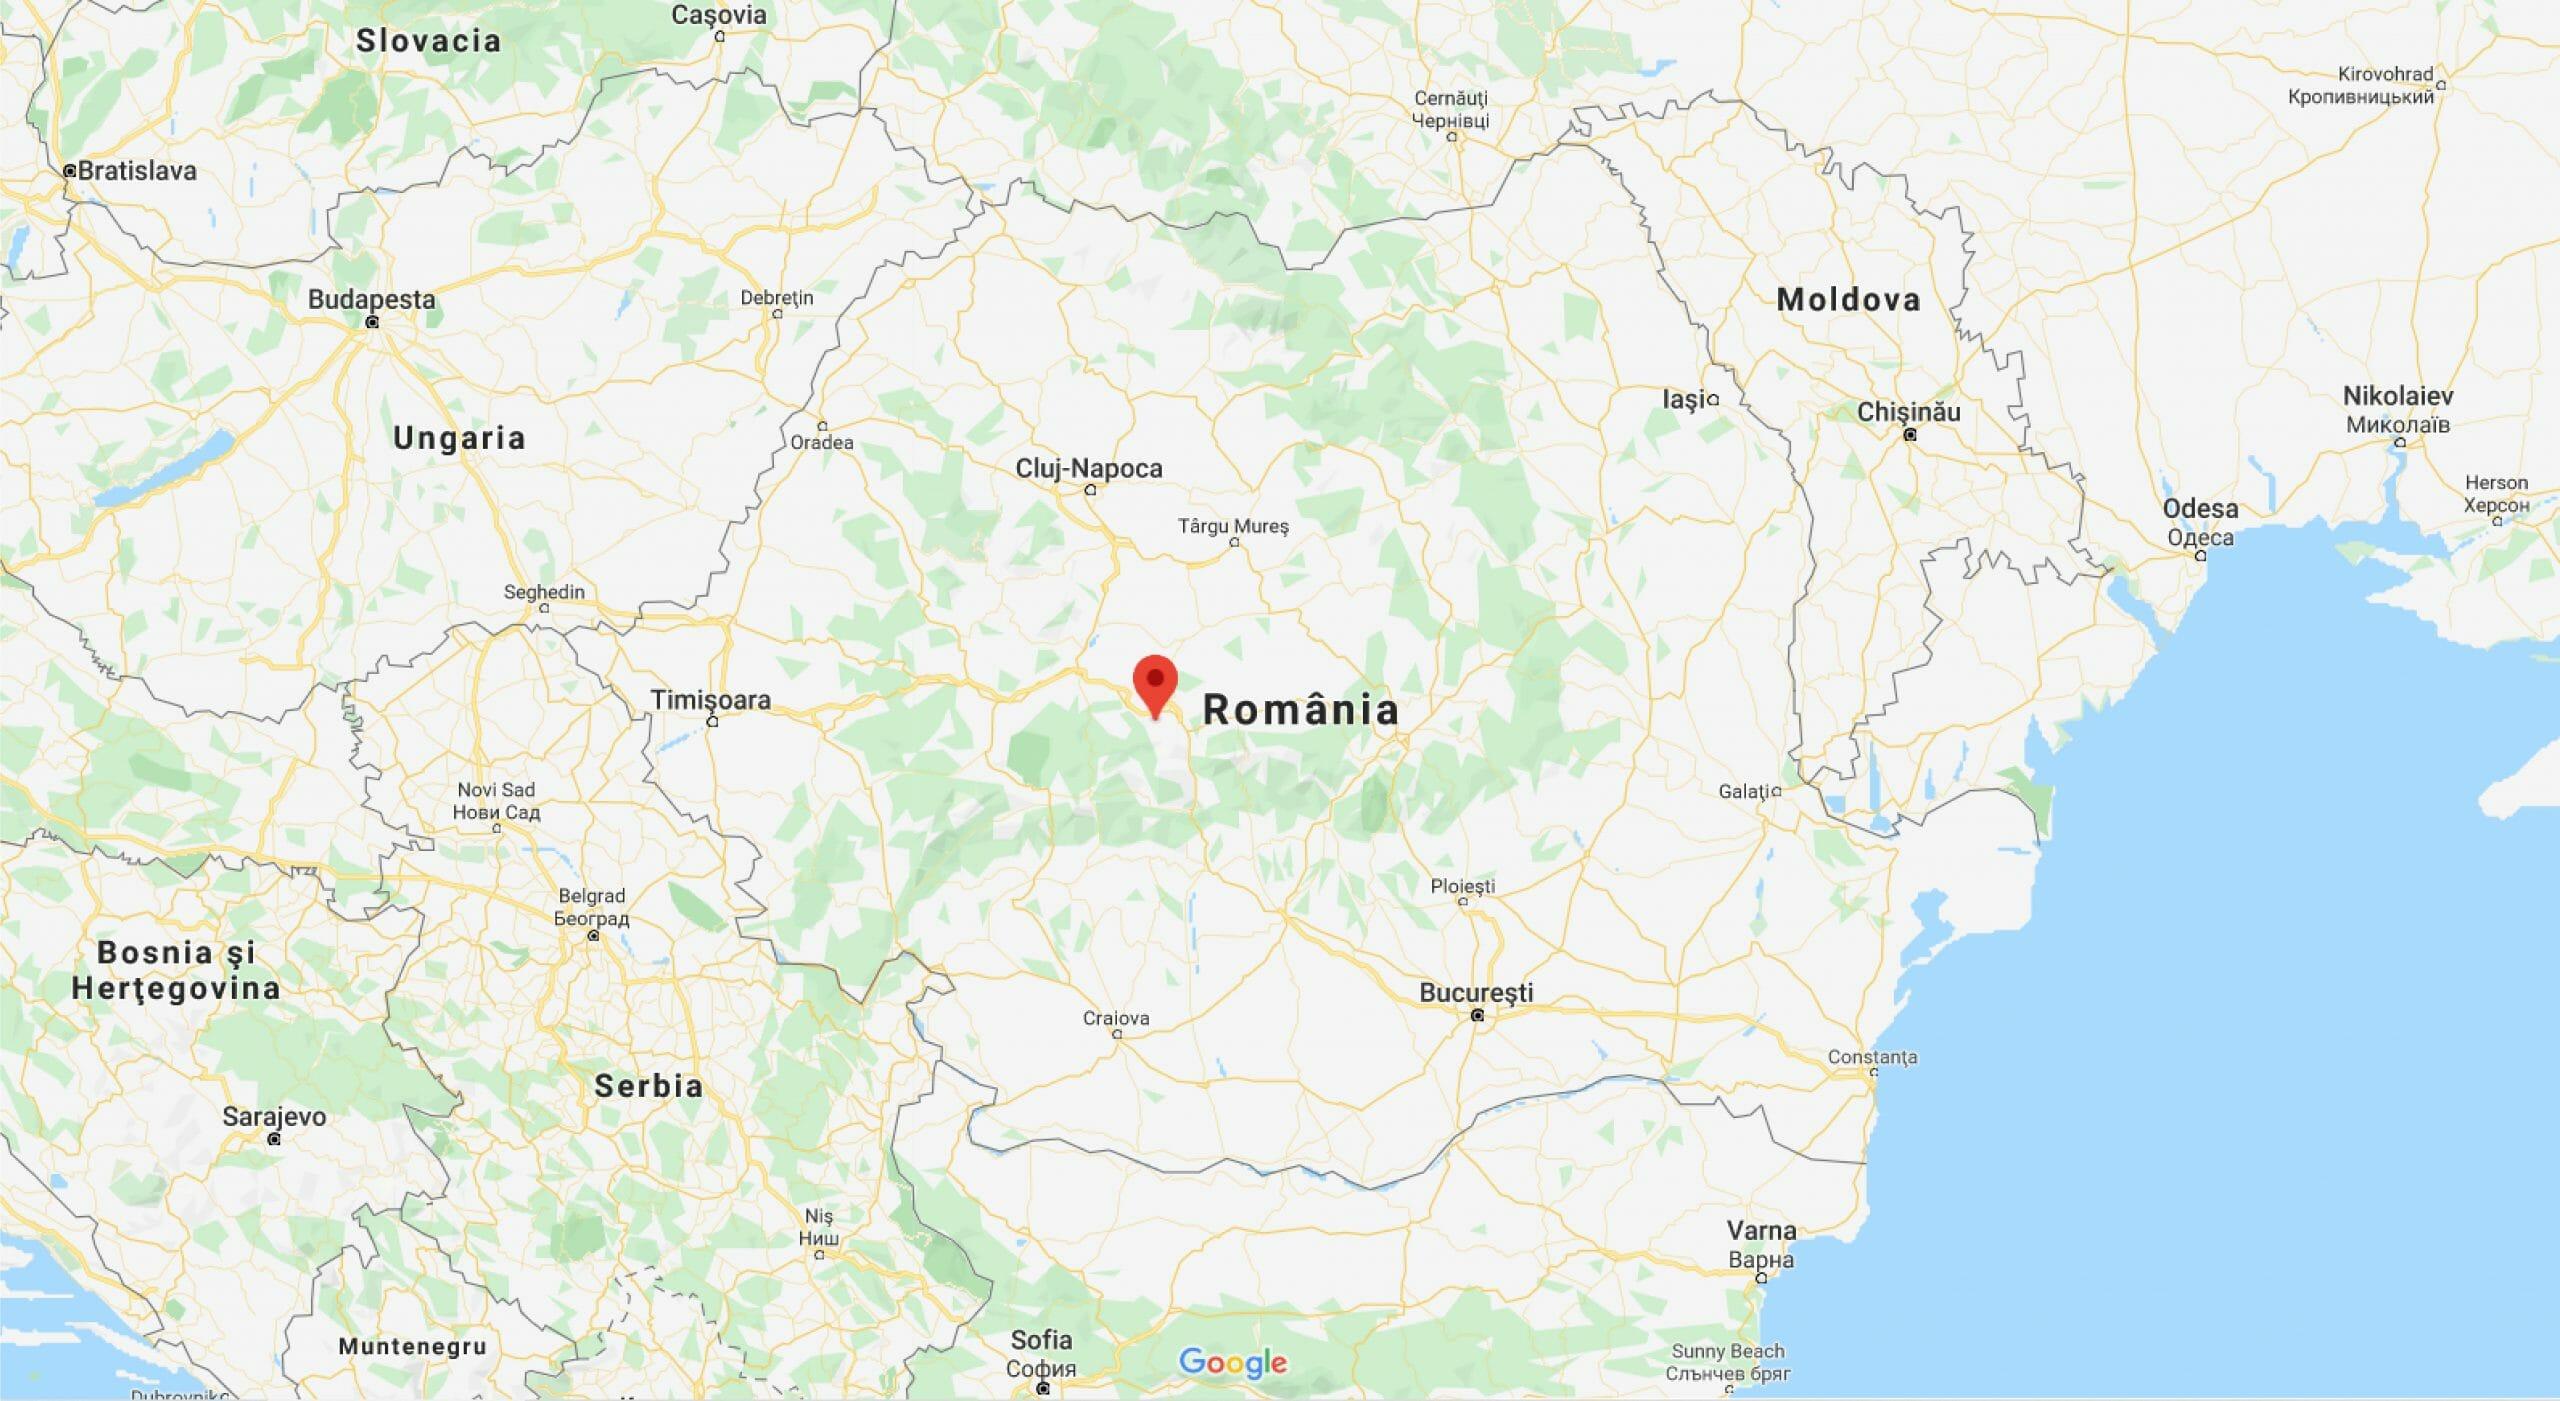 Localizare Romania Google Maps